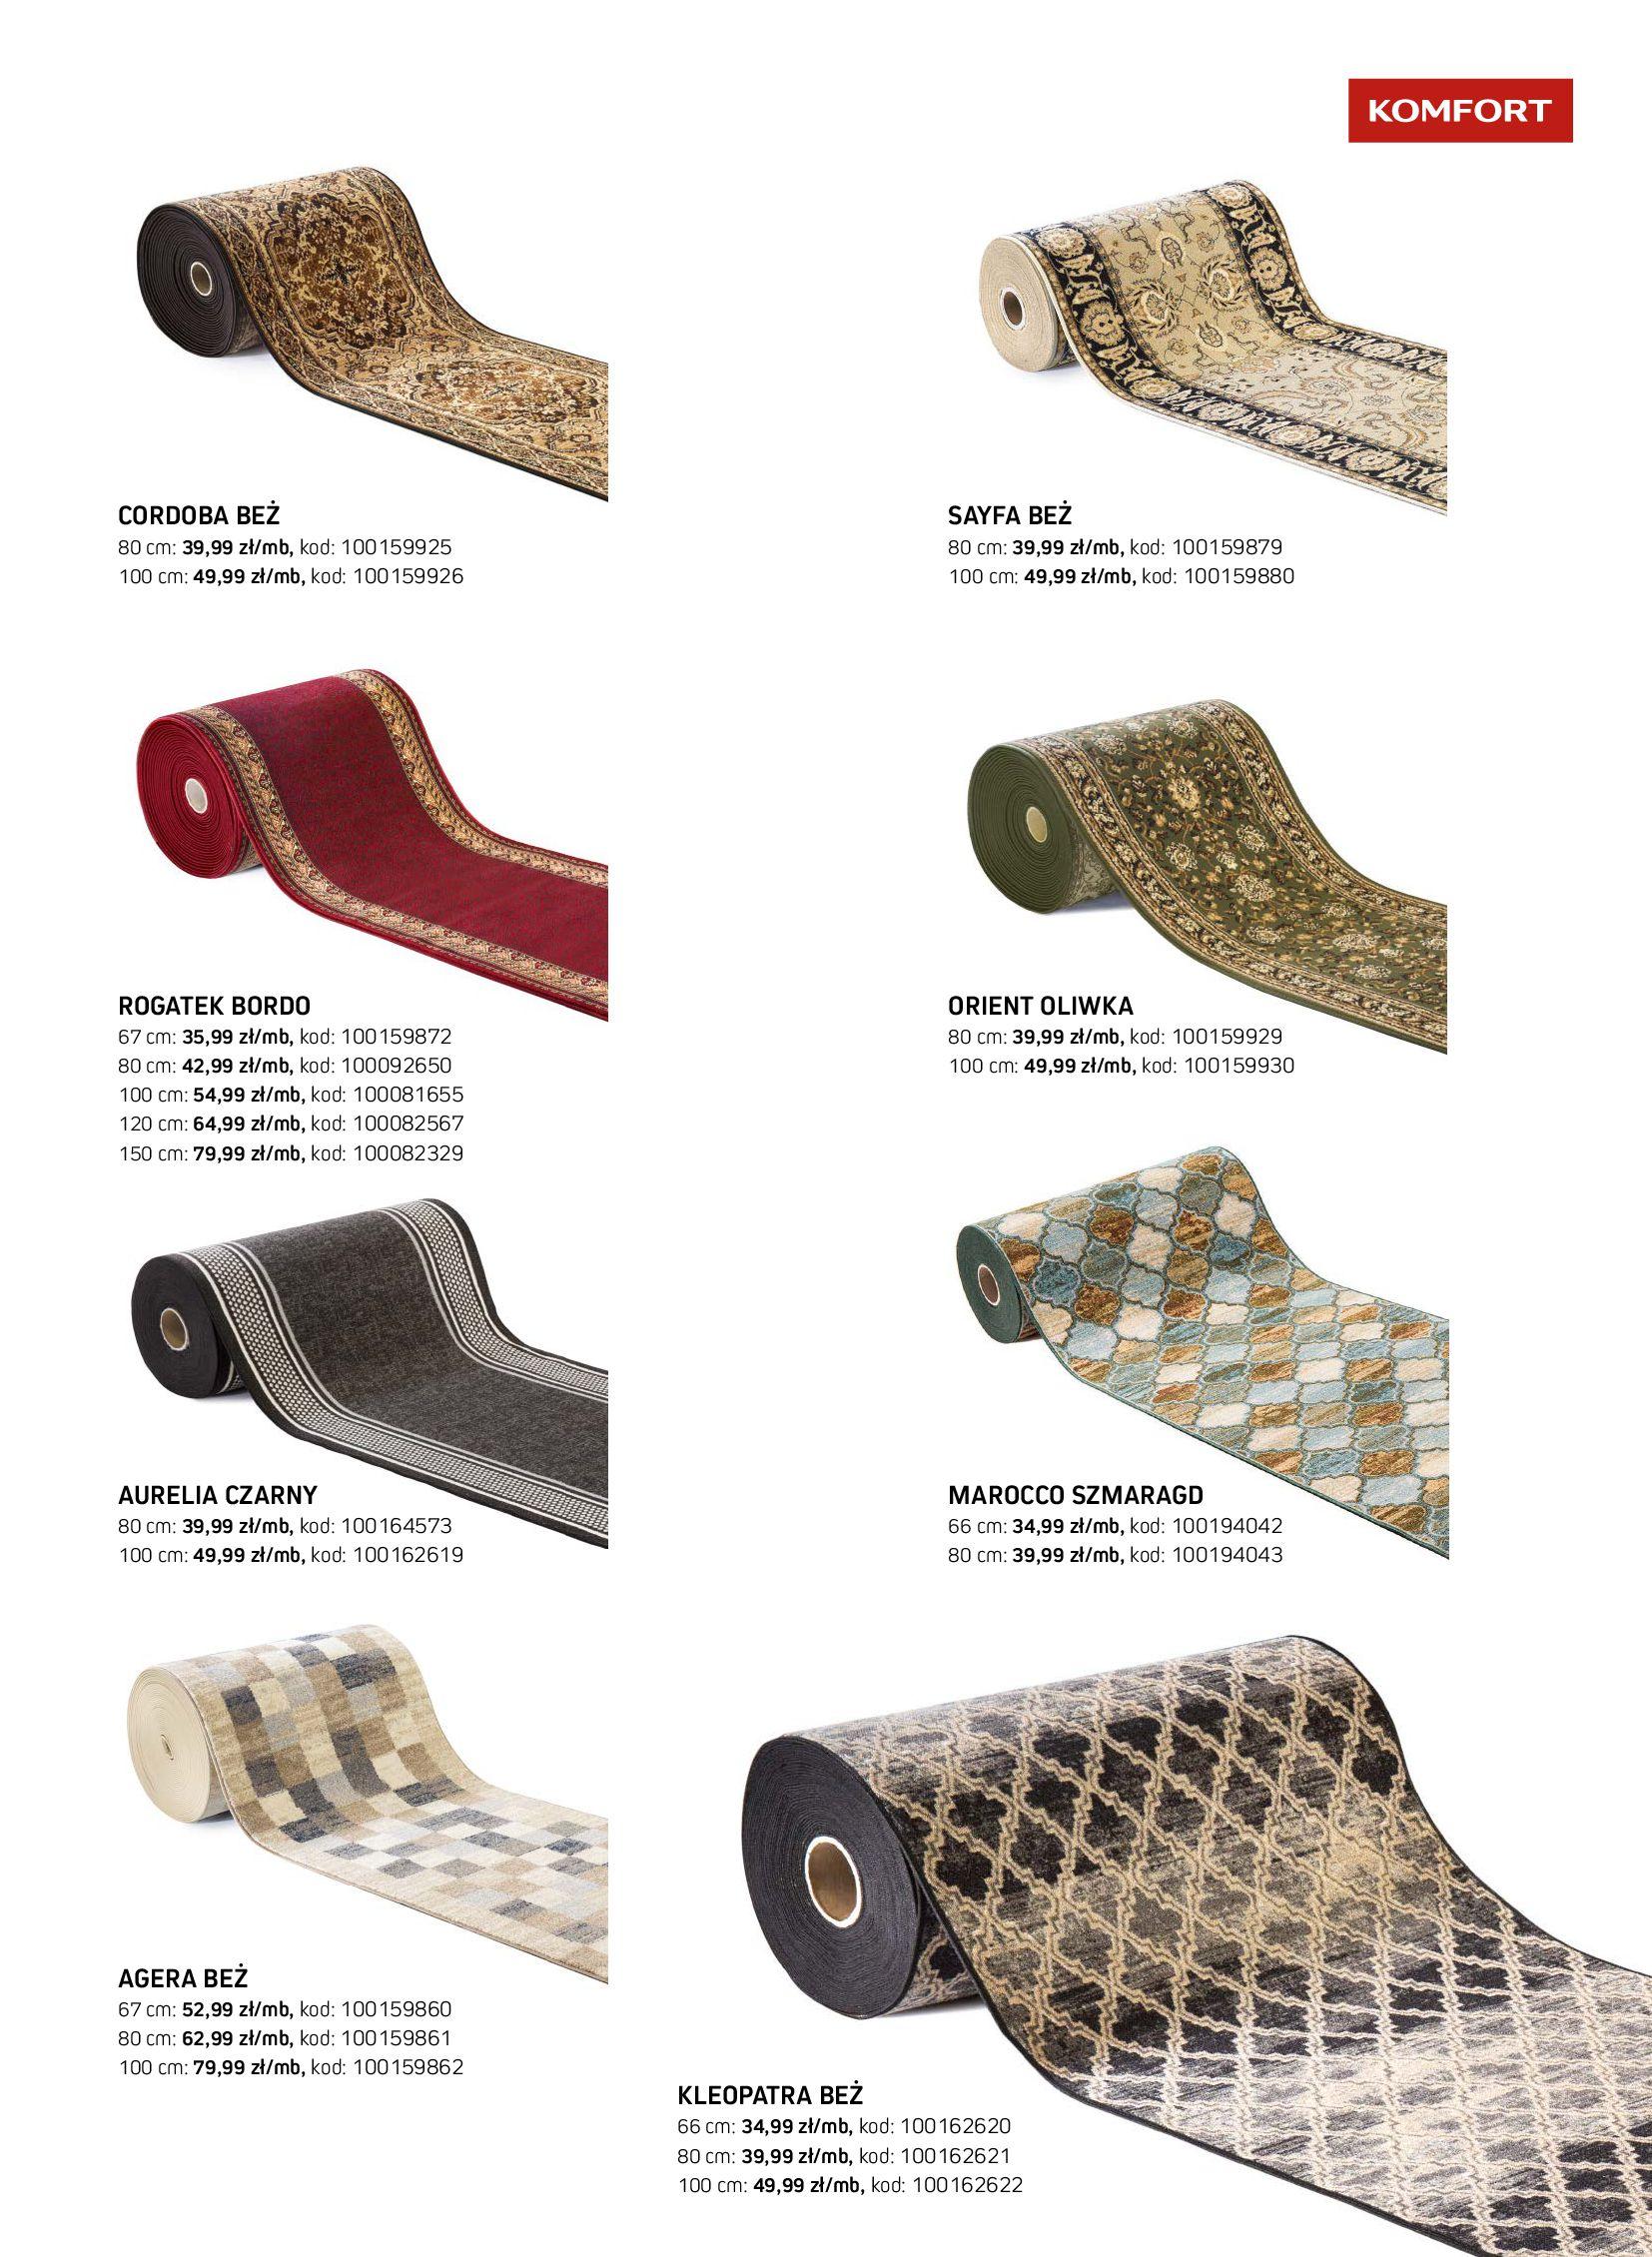 Gazetka Komfort: Gazetka Komfort - Katalog dywanów 2021-06-16 page-37